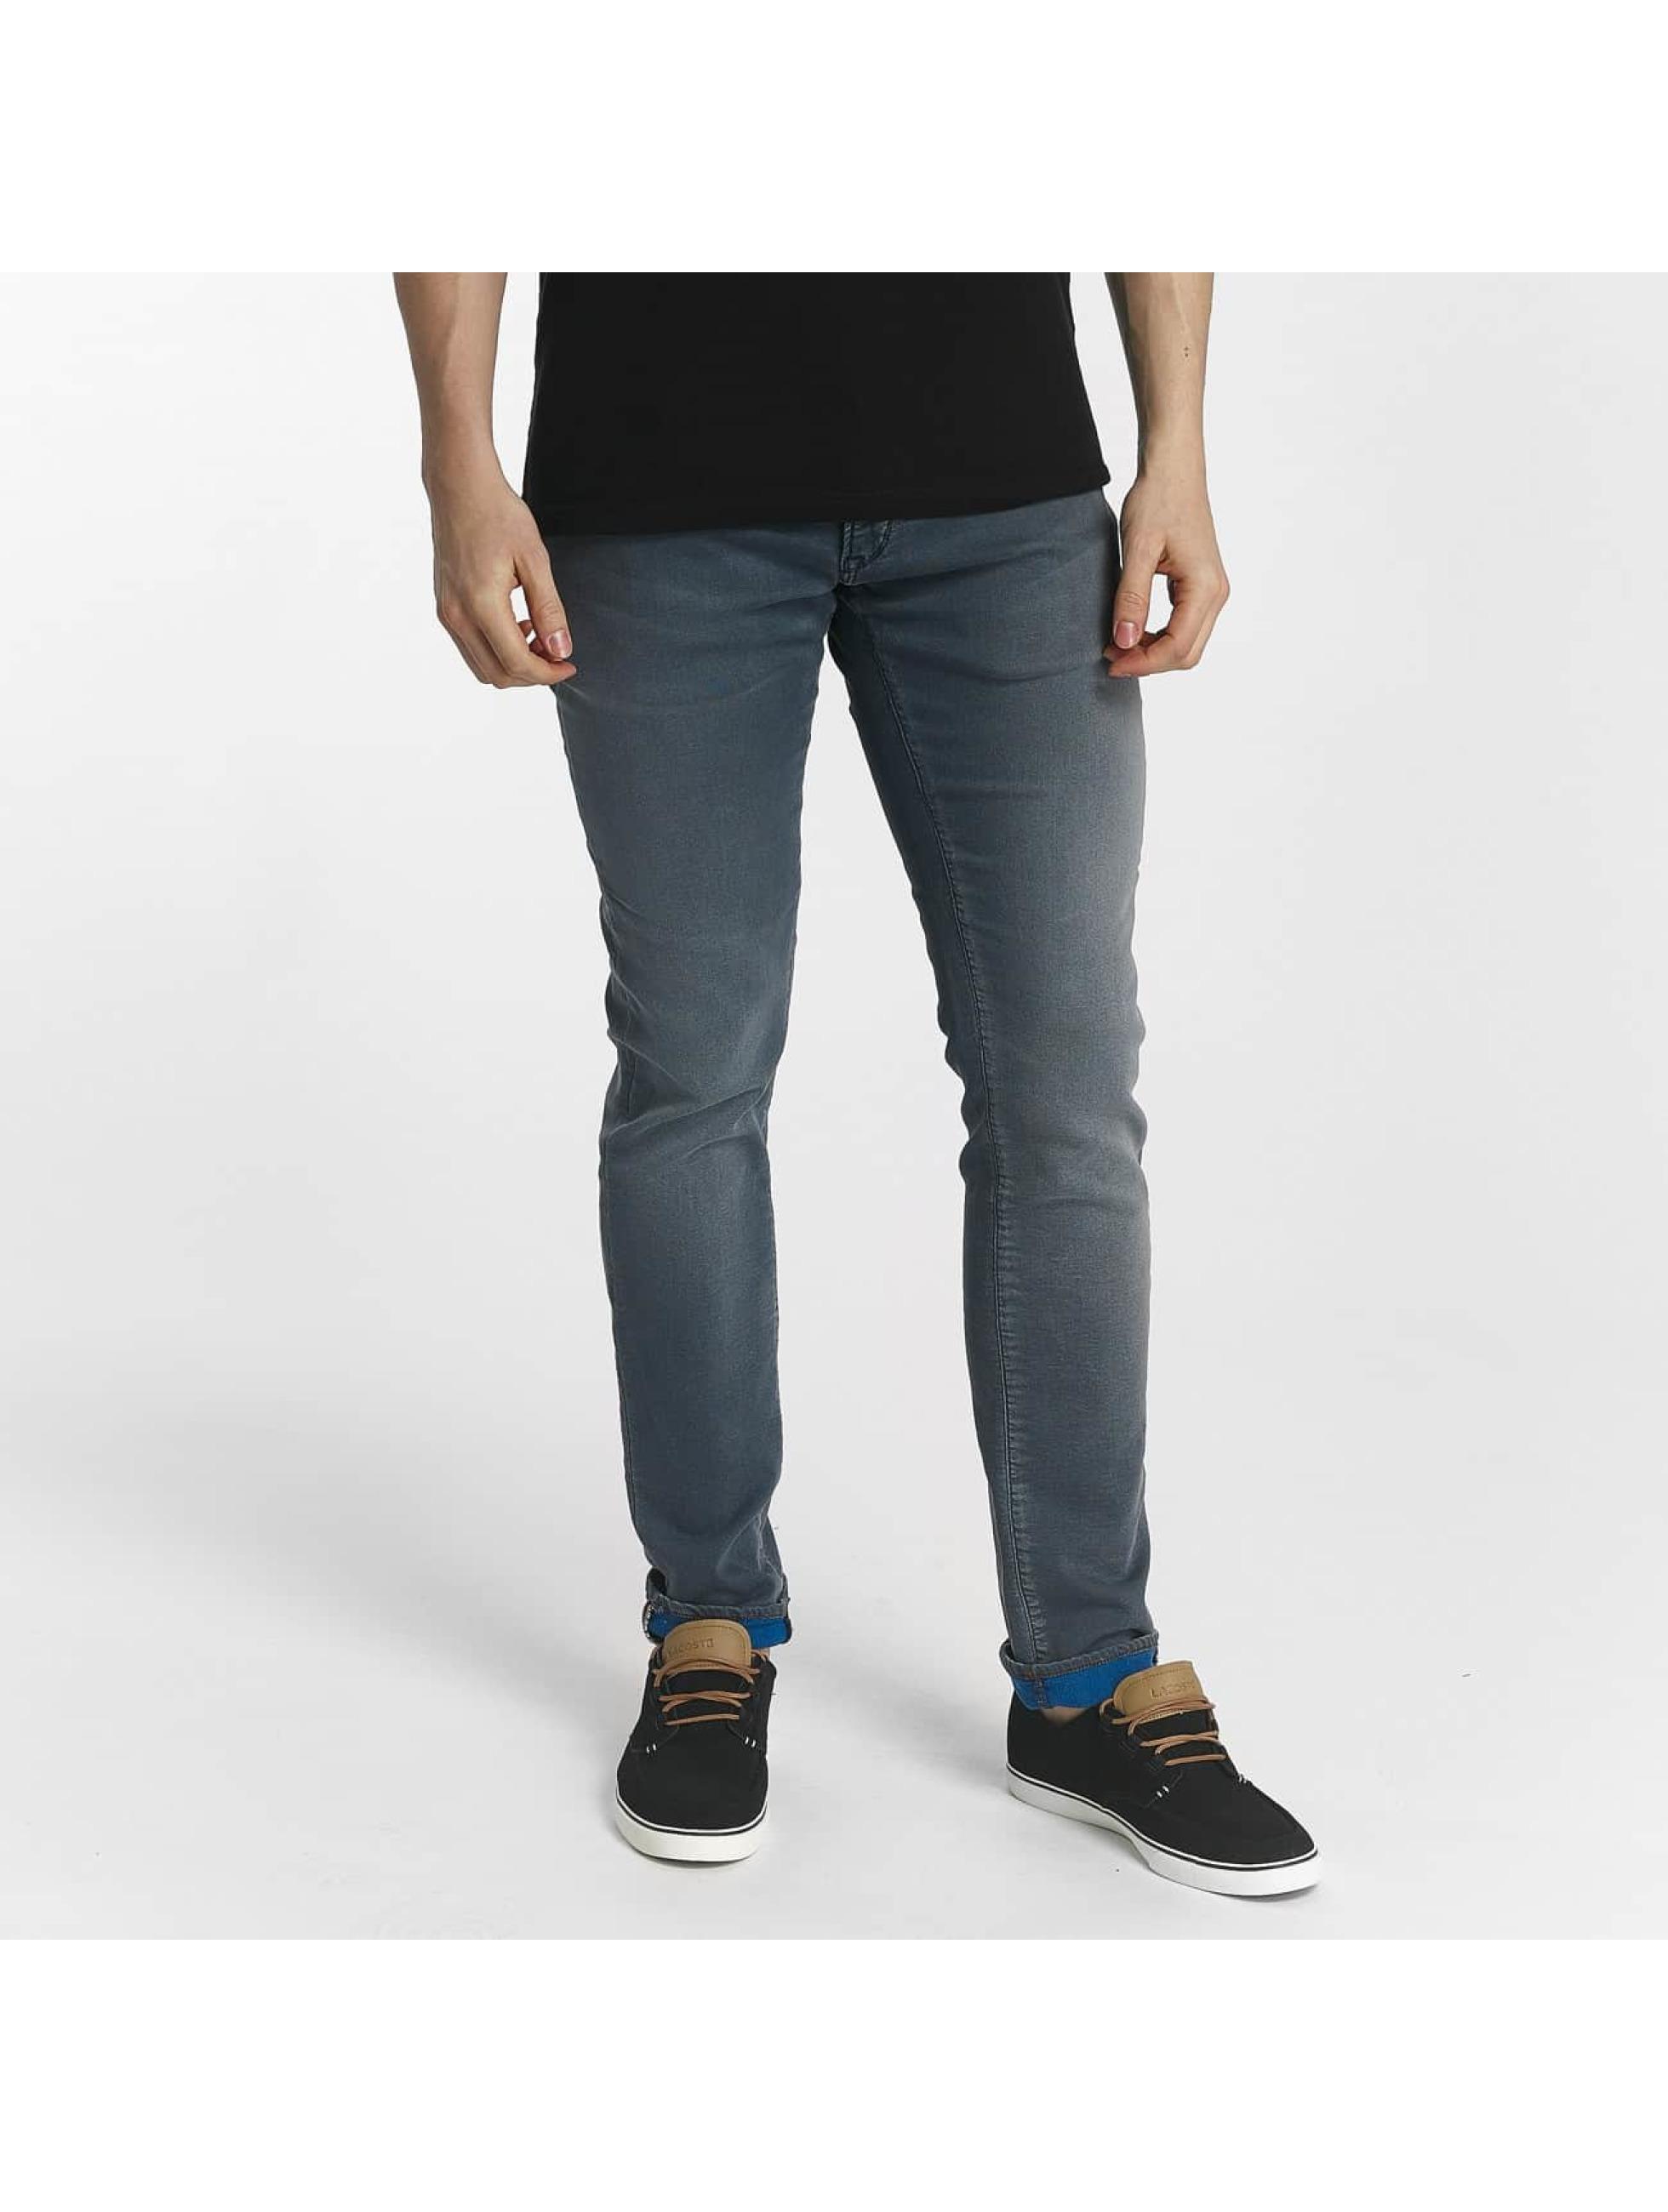 Le Temps Des Cerises Slim Fit Jeans 700/11 Jogg grey